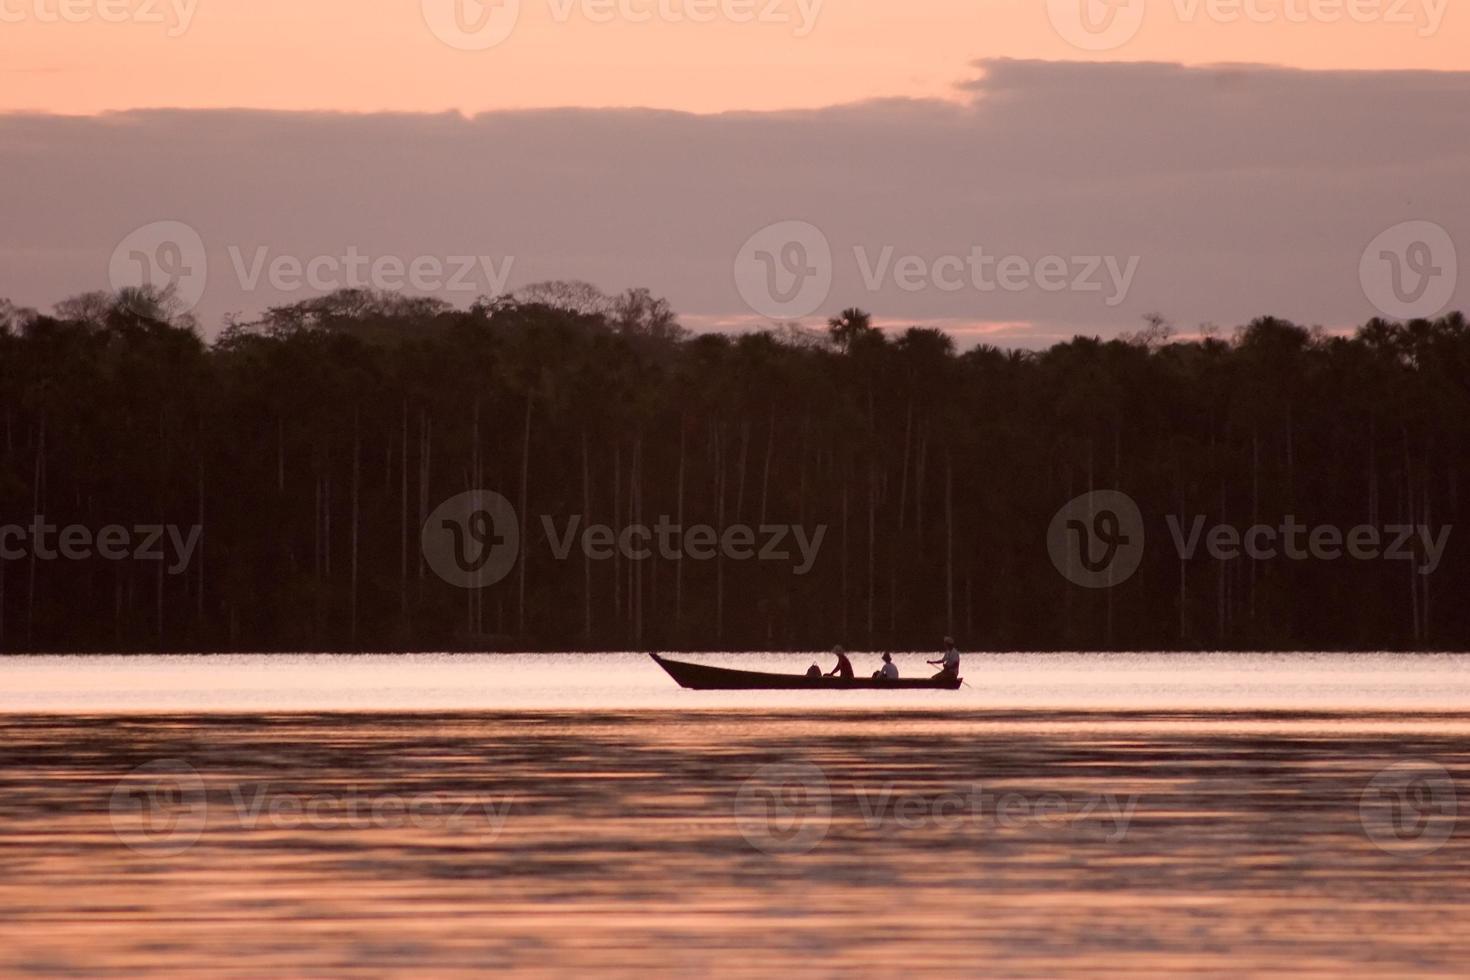 paesaggio del lago sandoval e barca foto